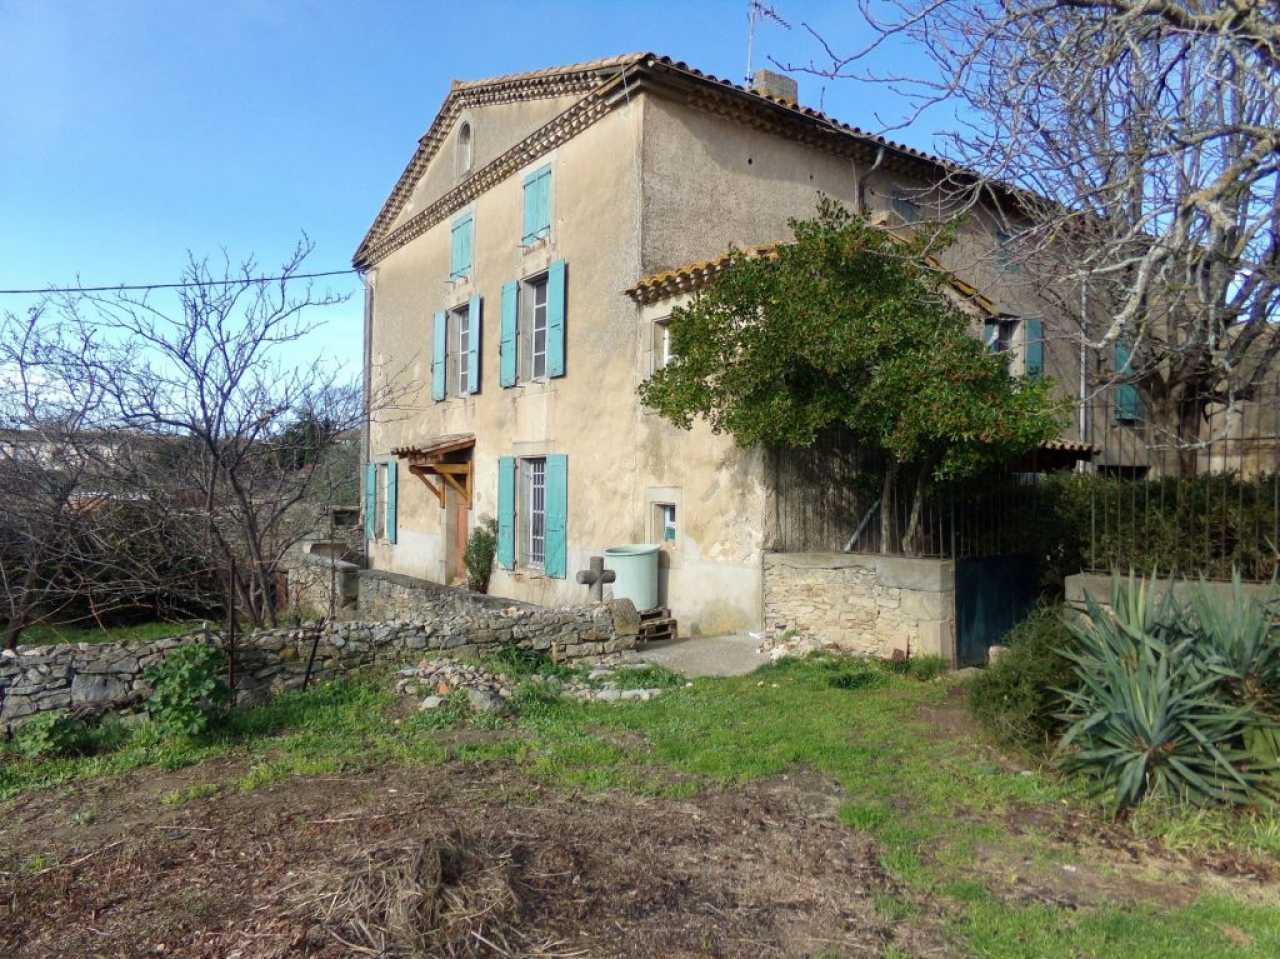 House CABARDES | 180 000 €